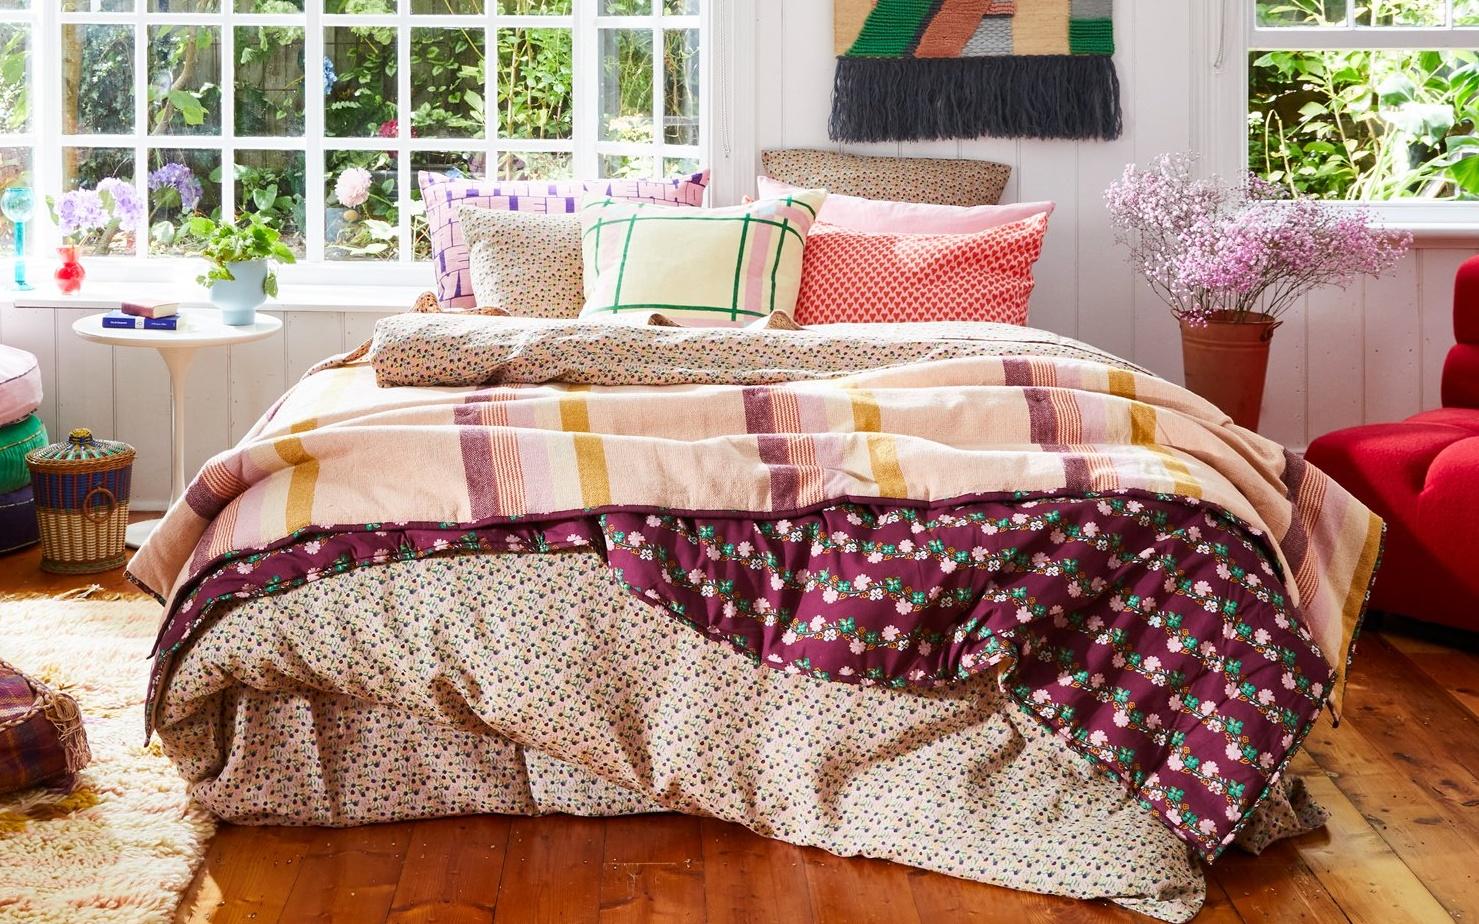 Cama com colchas e cobertores coloridos